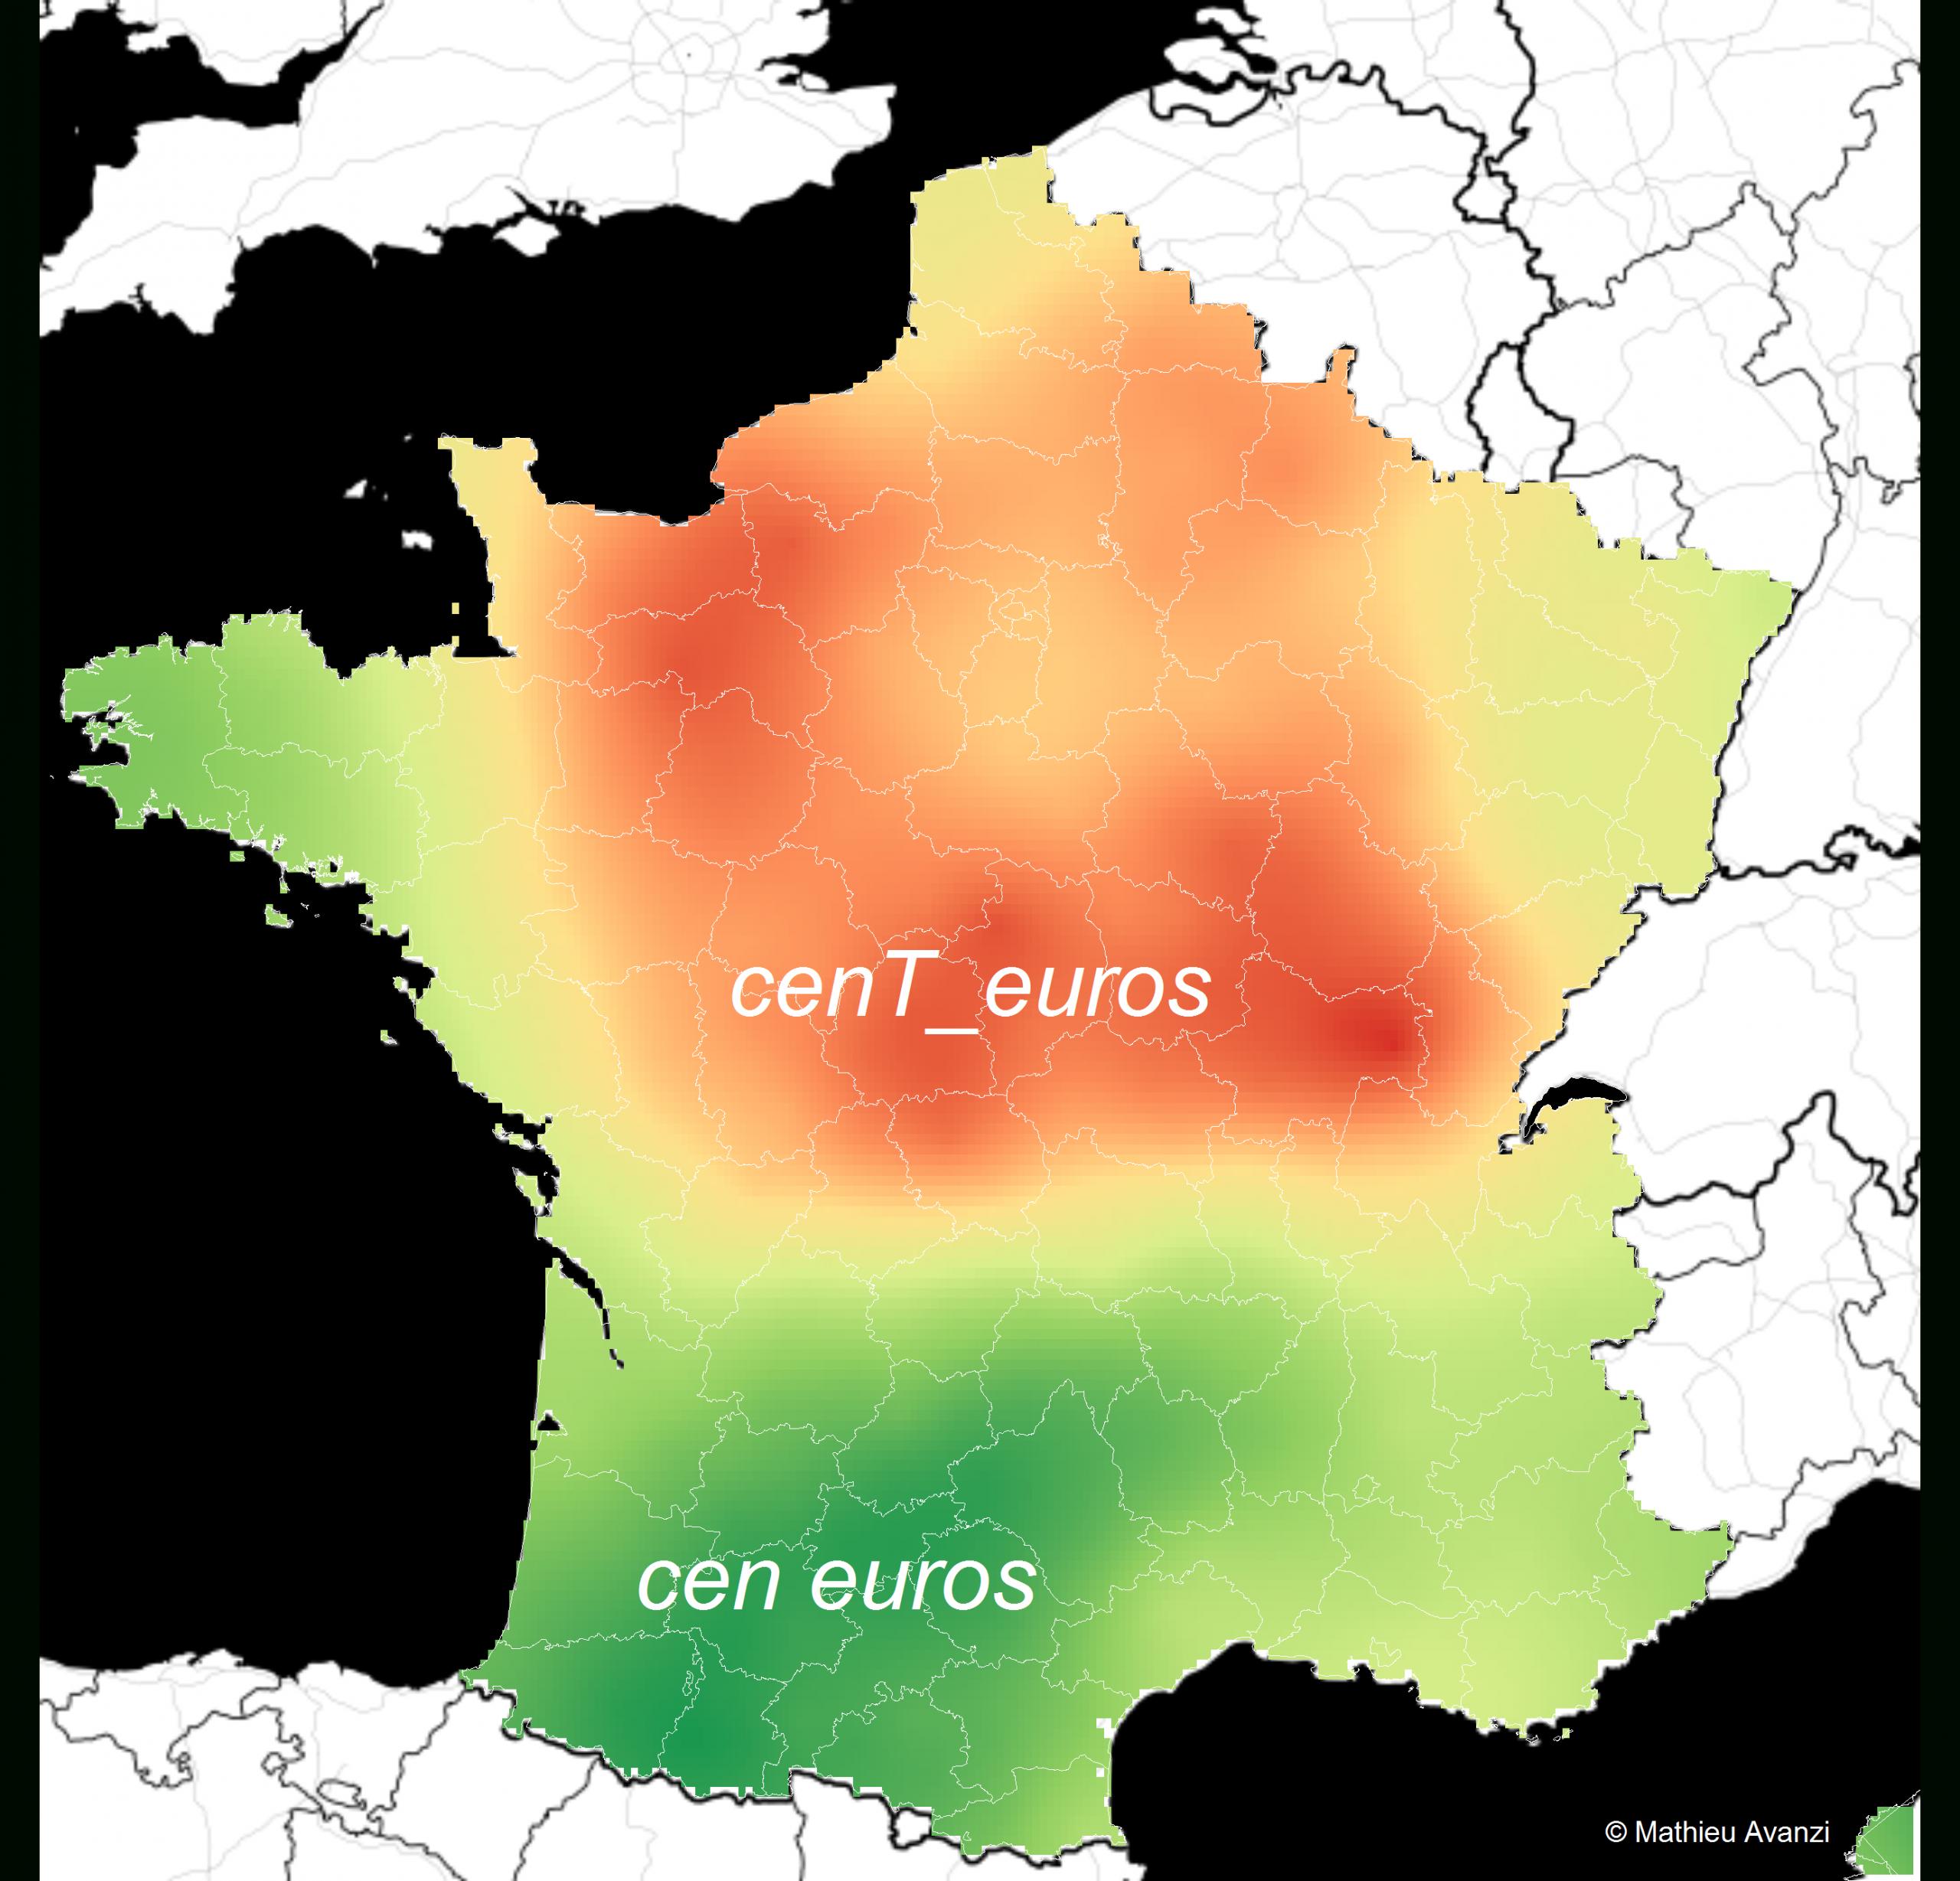 Ces Mots Qui Ne Se Prononcent Pas De La Même Façon D'un Bout encequiconcerne Nouvelles Régions De France 2017